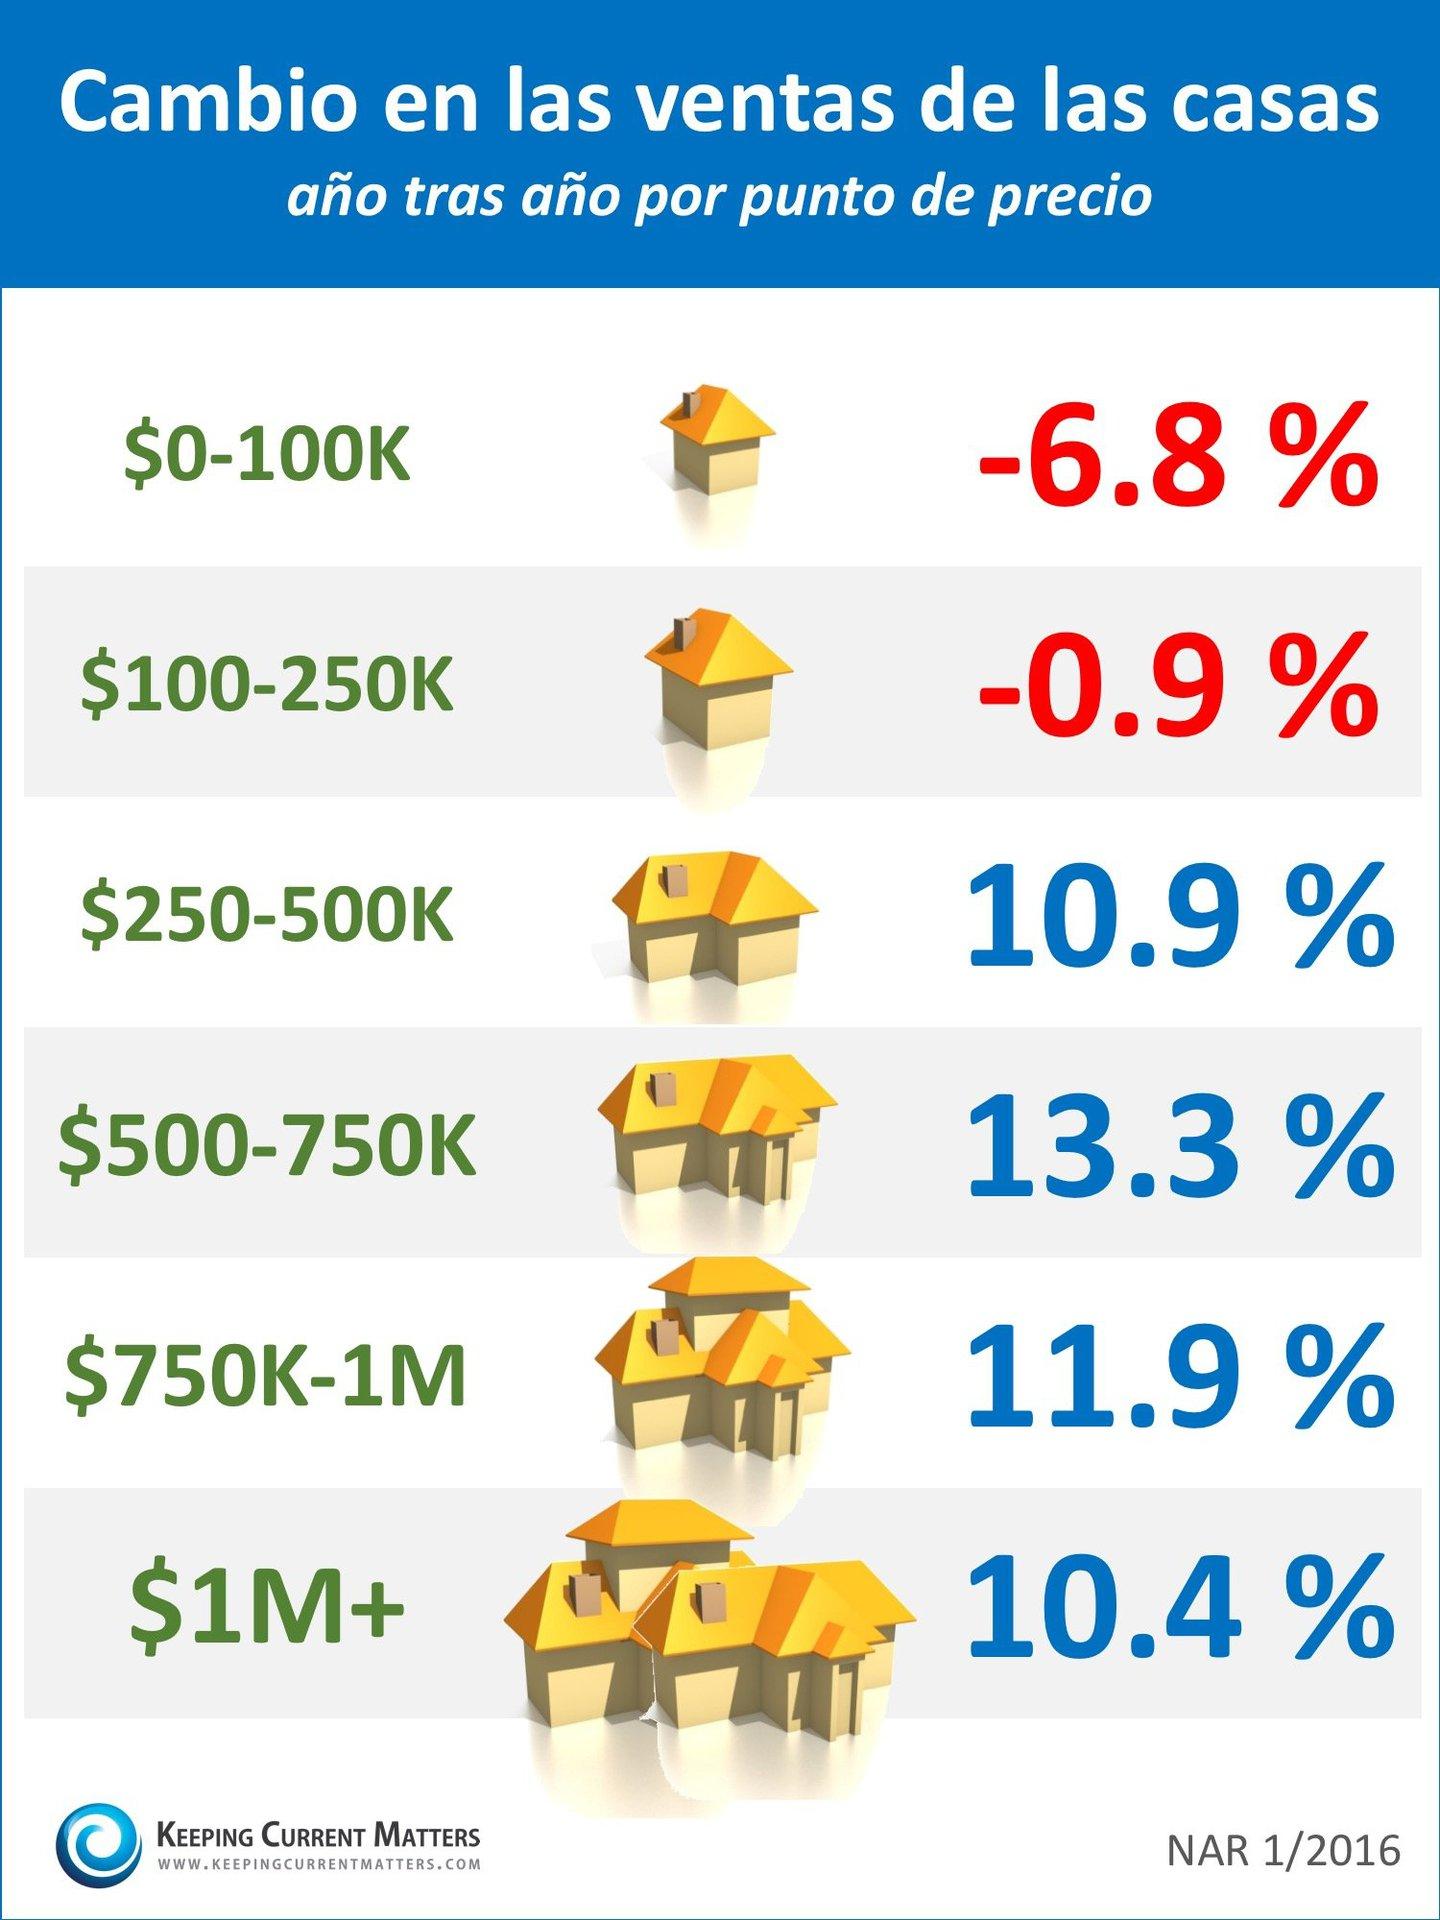 Cambio en las ventas de las casas por rango de precio [INFOGRAFíA] | Keeping Current Matters